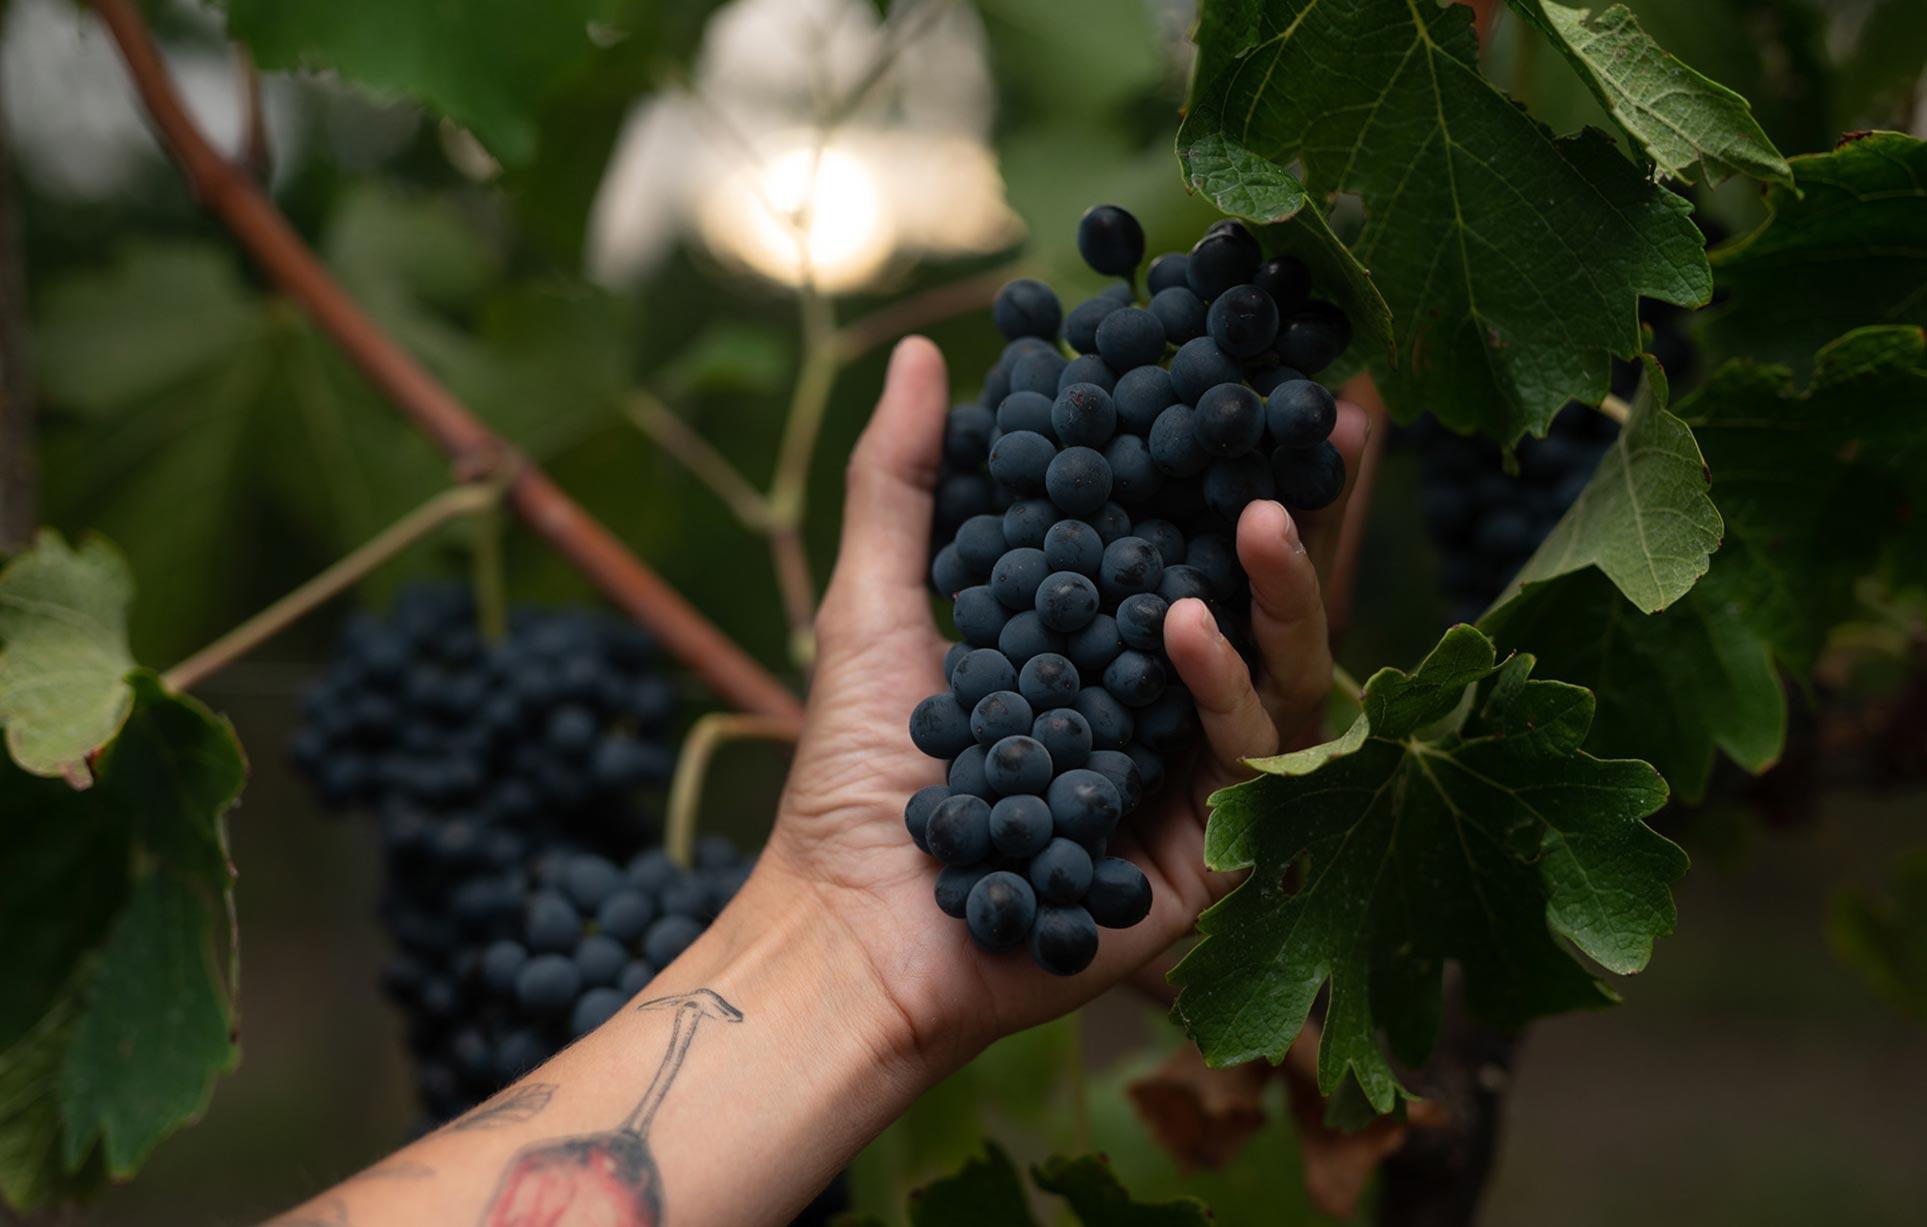 виноделы - сбор урожая и изготовление вина / фото 02